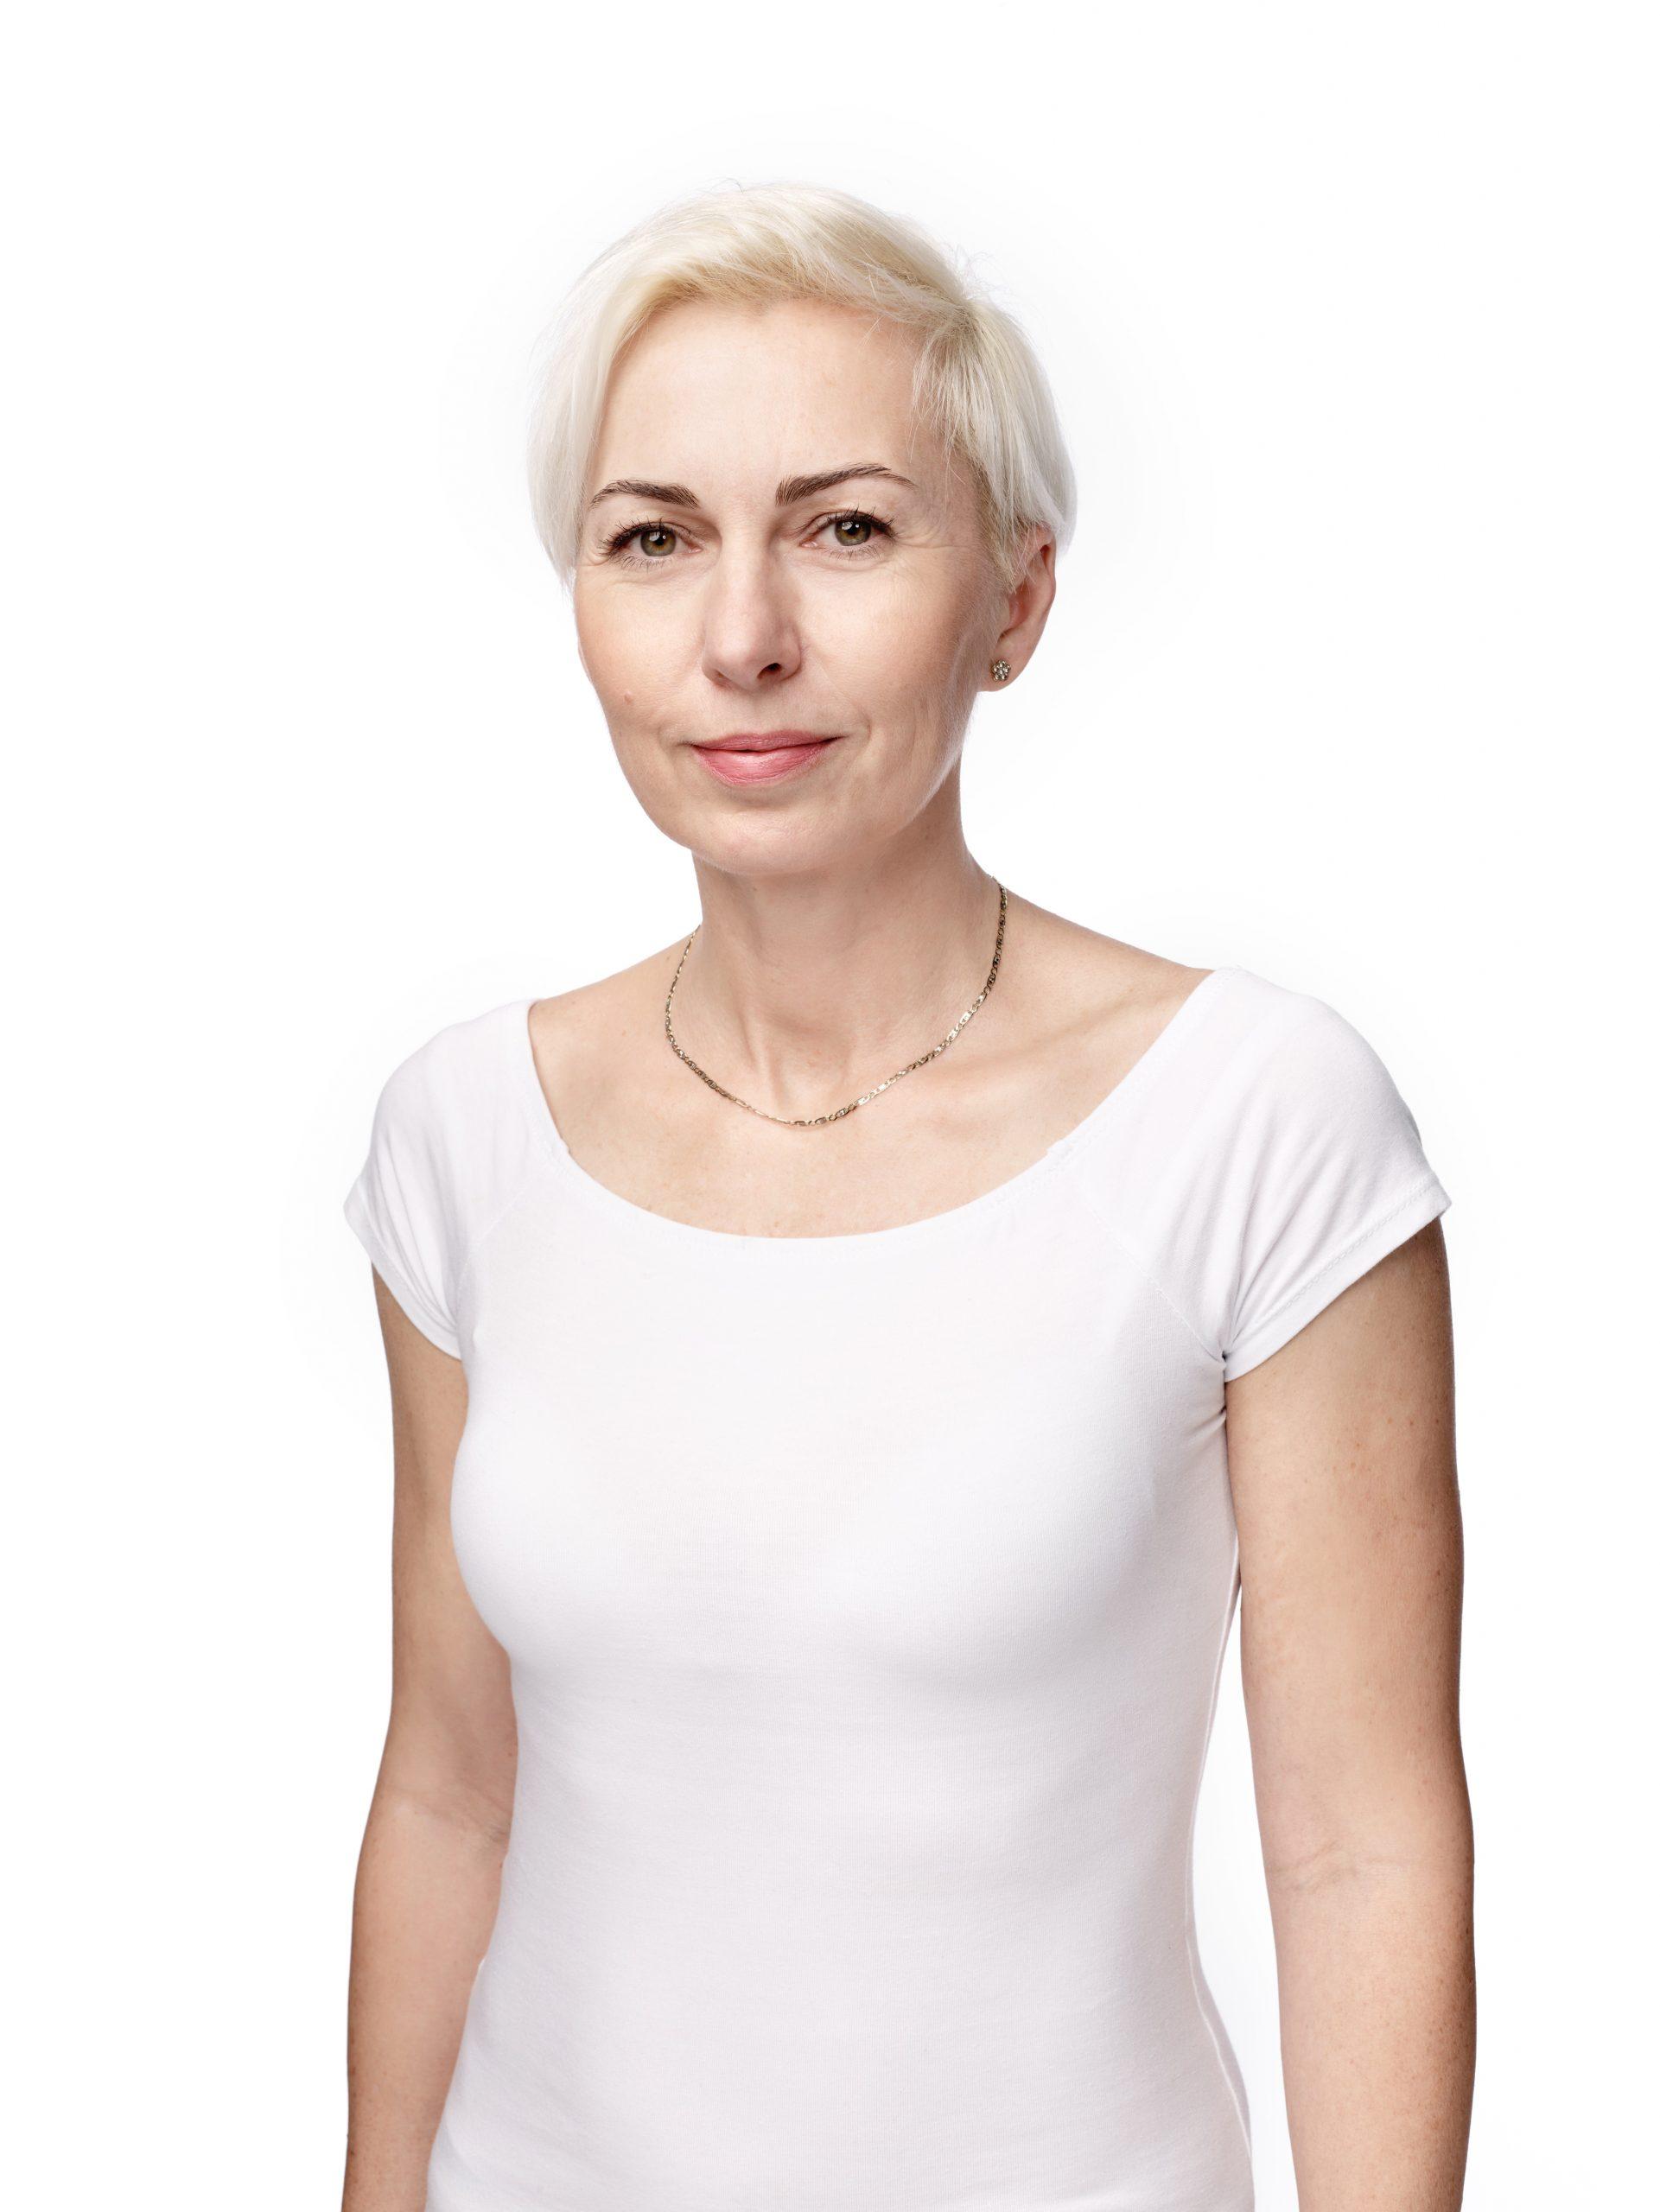 Zara Pavlíková (Činohra)